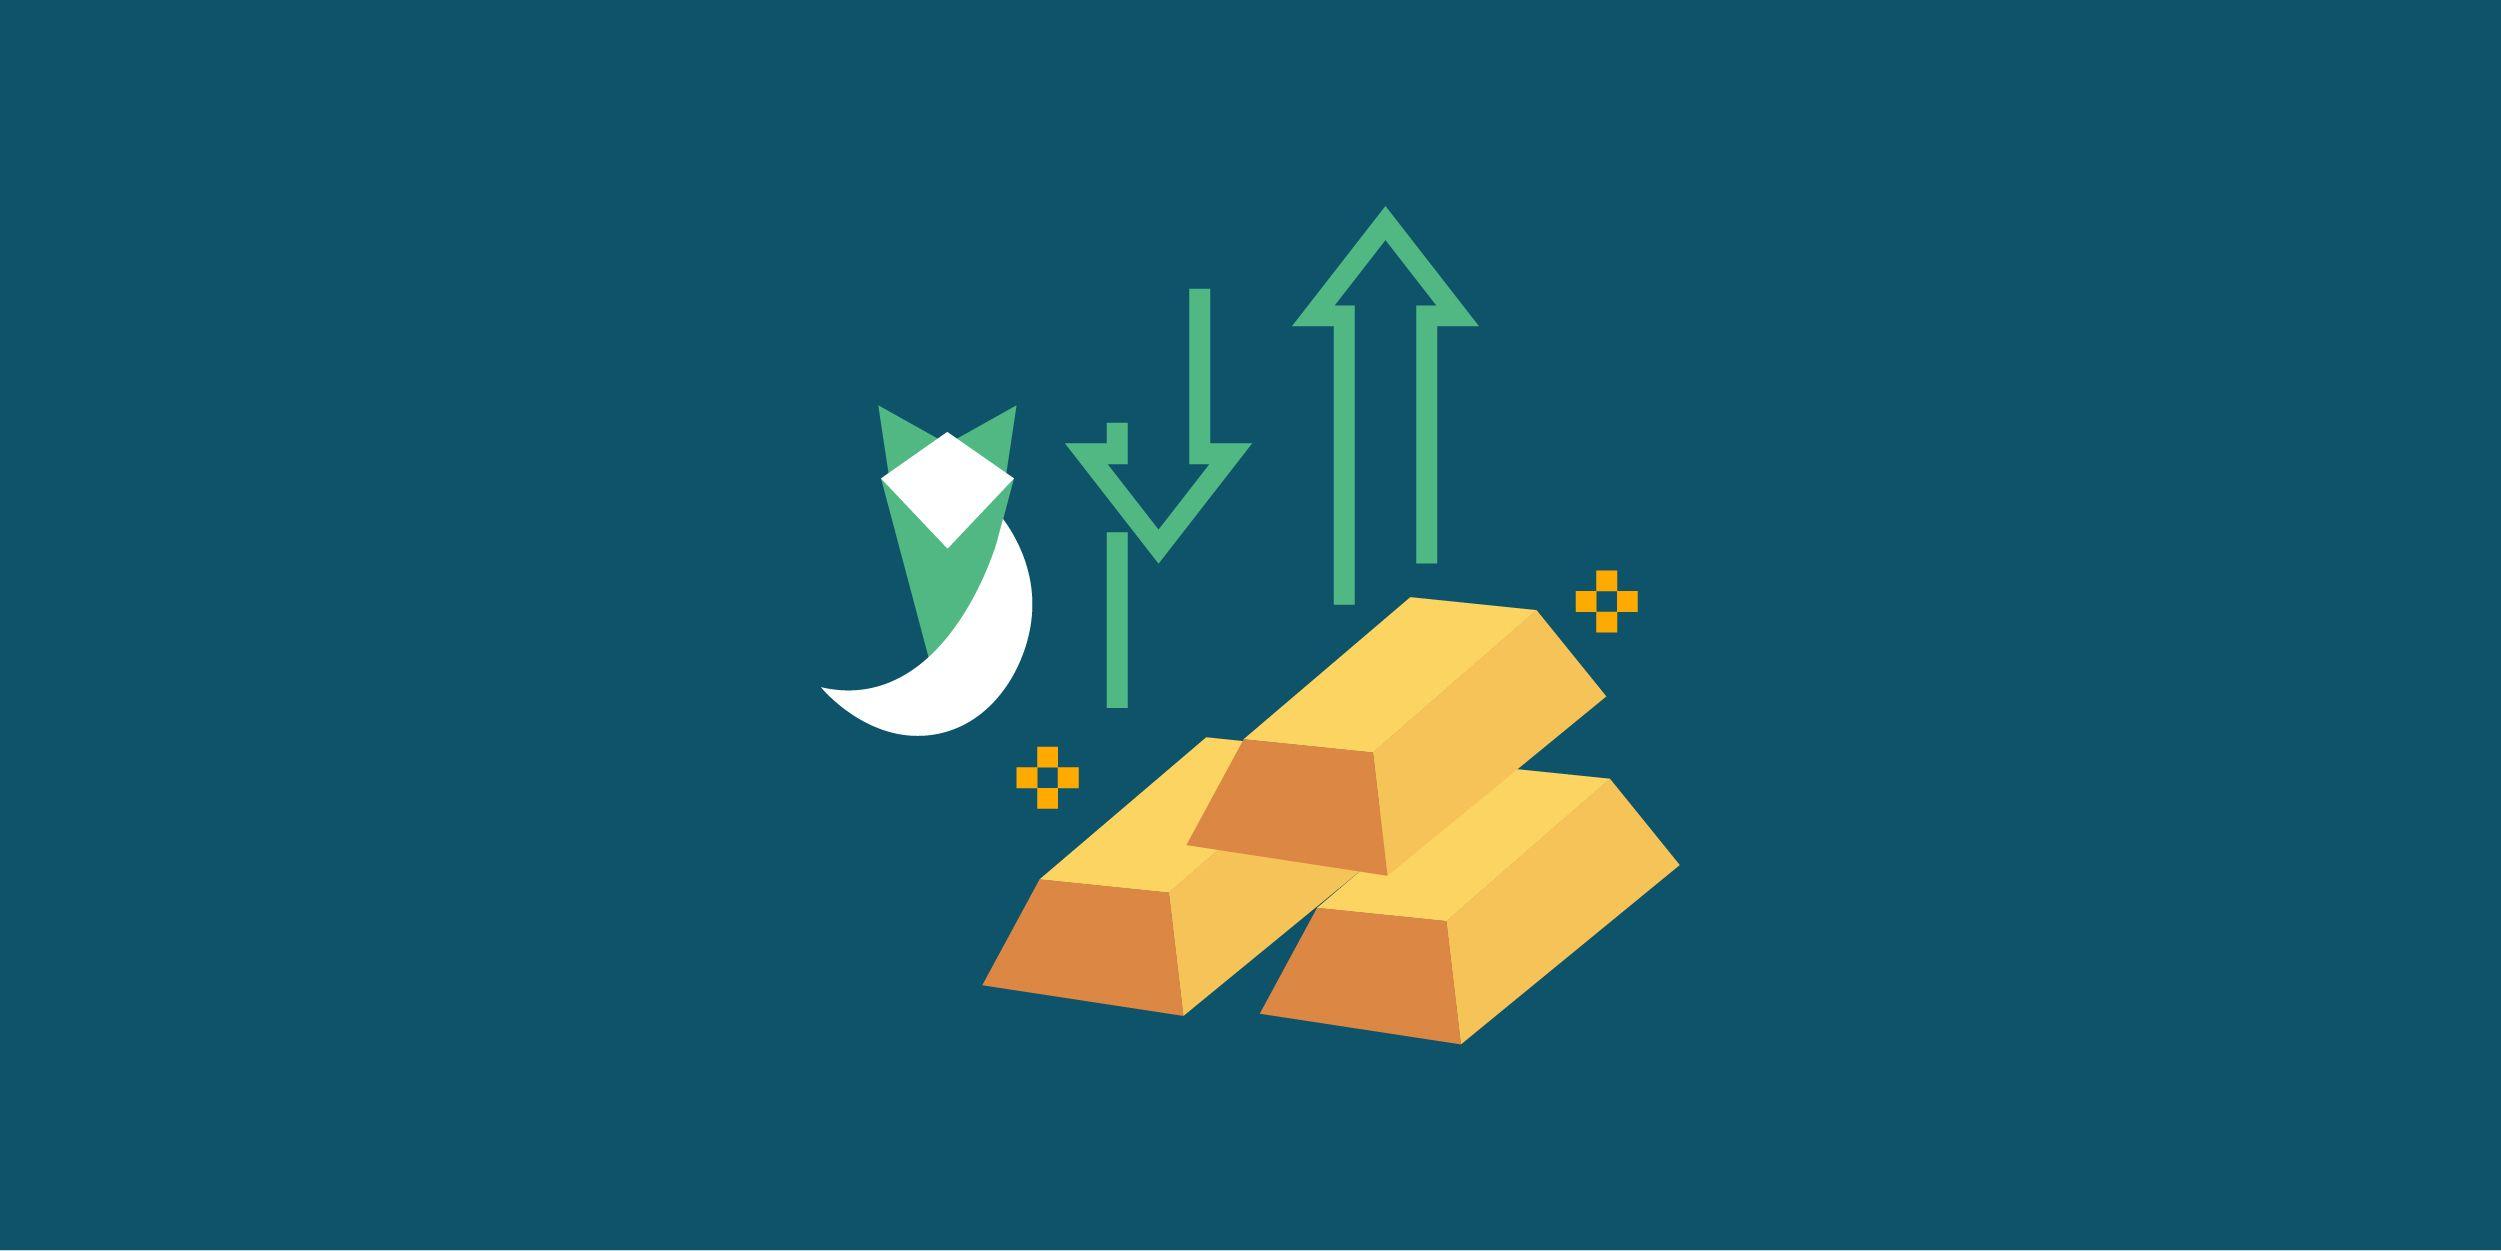 أسعار الدهب في مصر اليوم: الخميس 5 أغسطس 2021